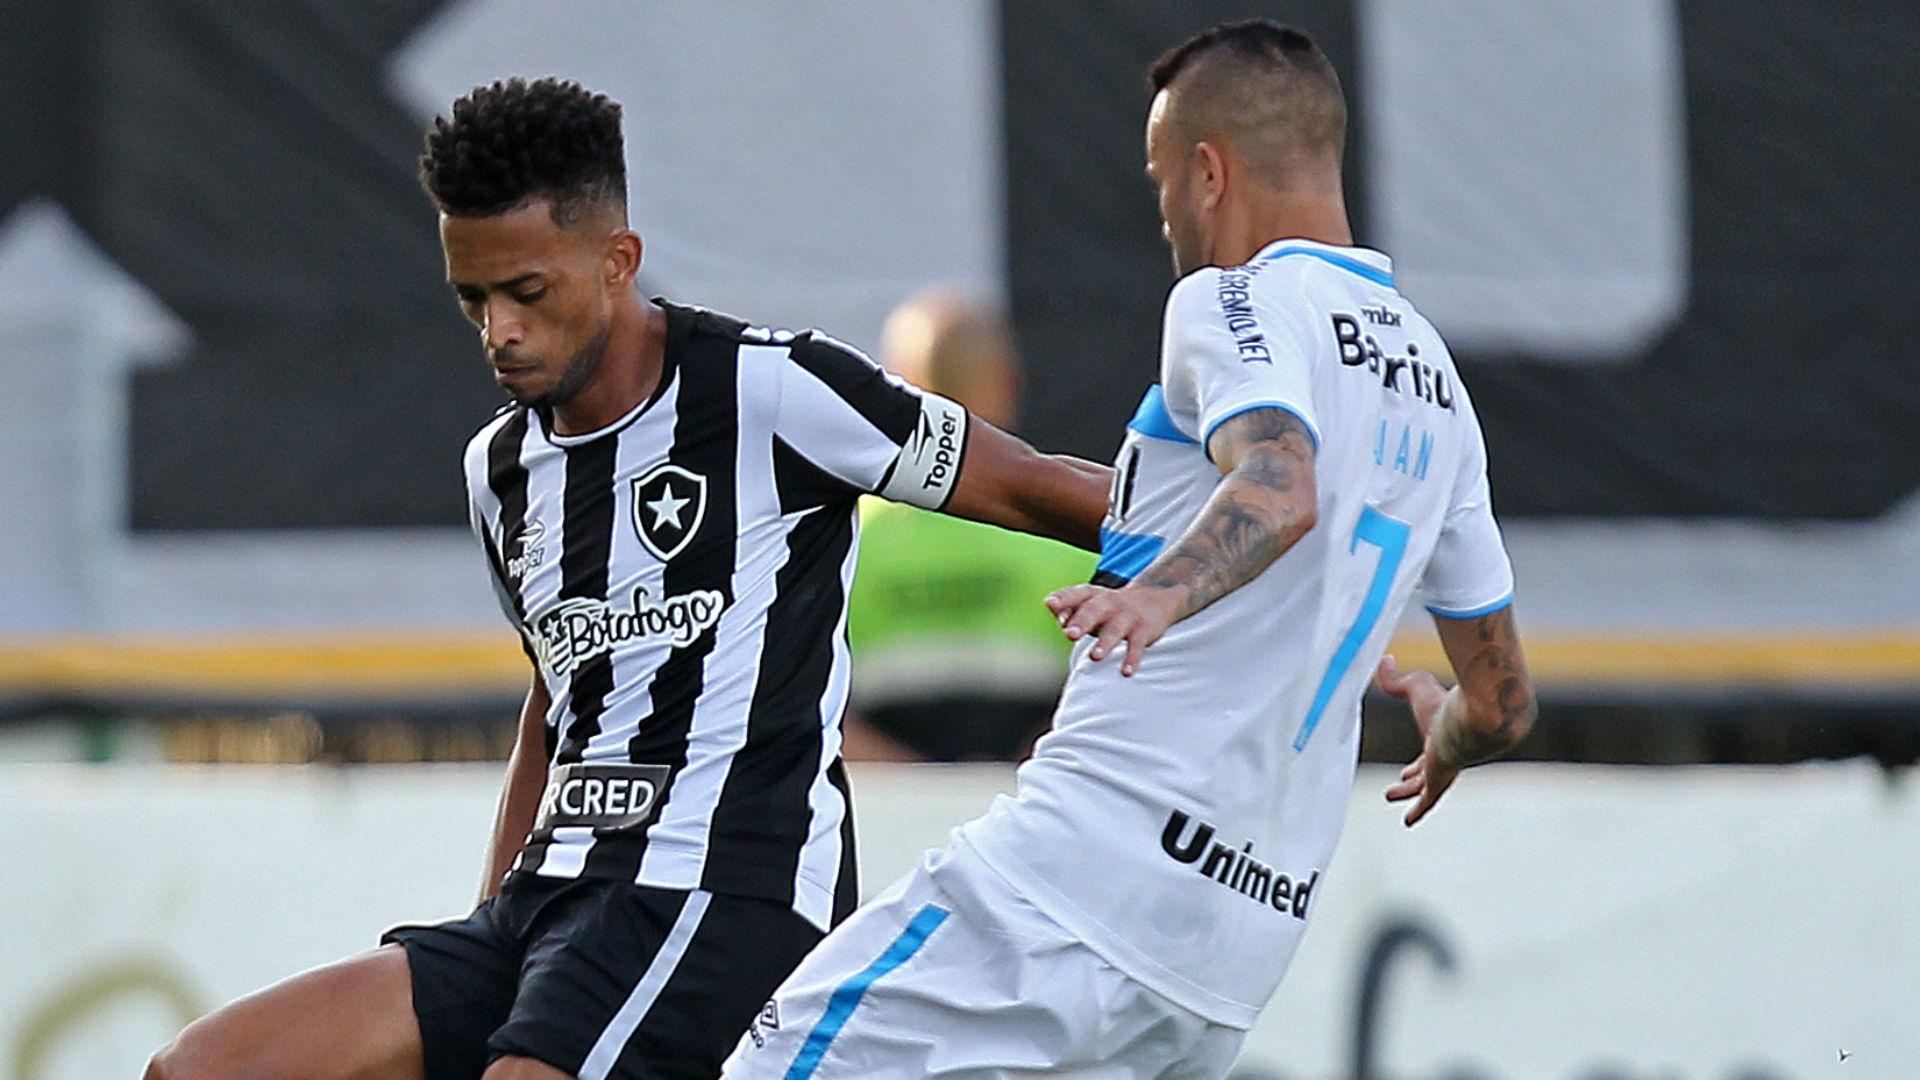 Luis Ricardo Botafogo Brasileirão 2016 Grêmio